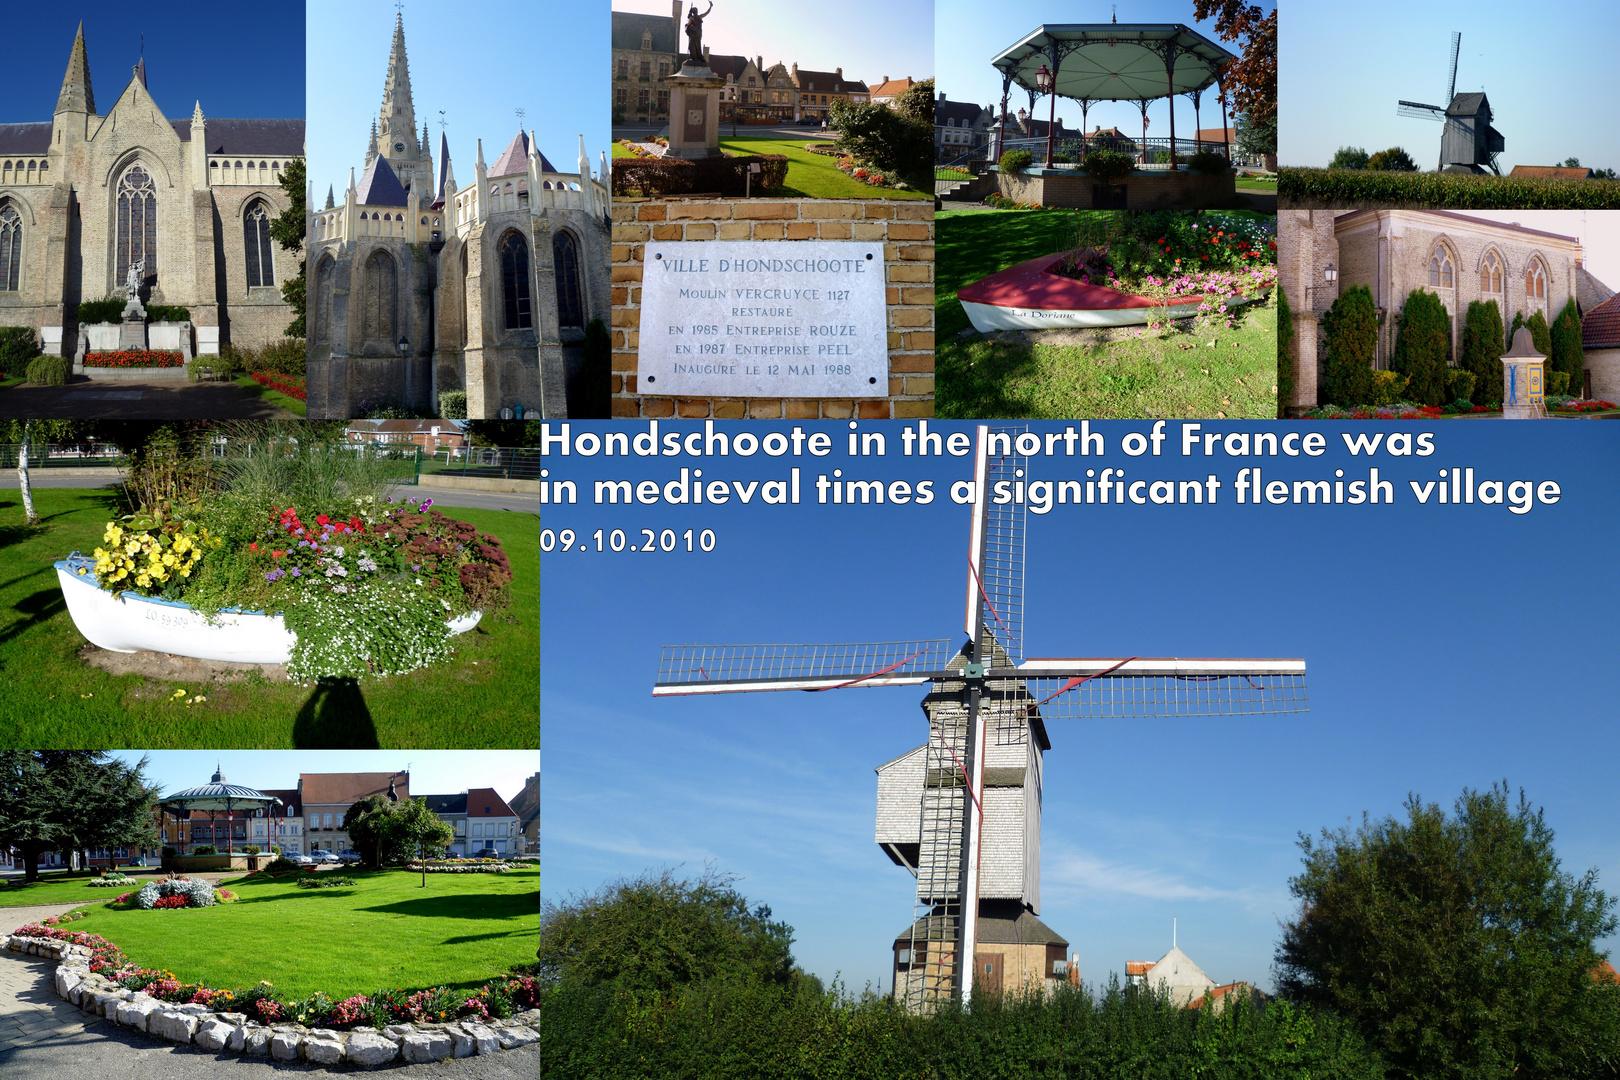 Hondschoote, traditioneller flämischer Ort in Nordfrankreich mit Windmühle nahe Calais